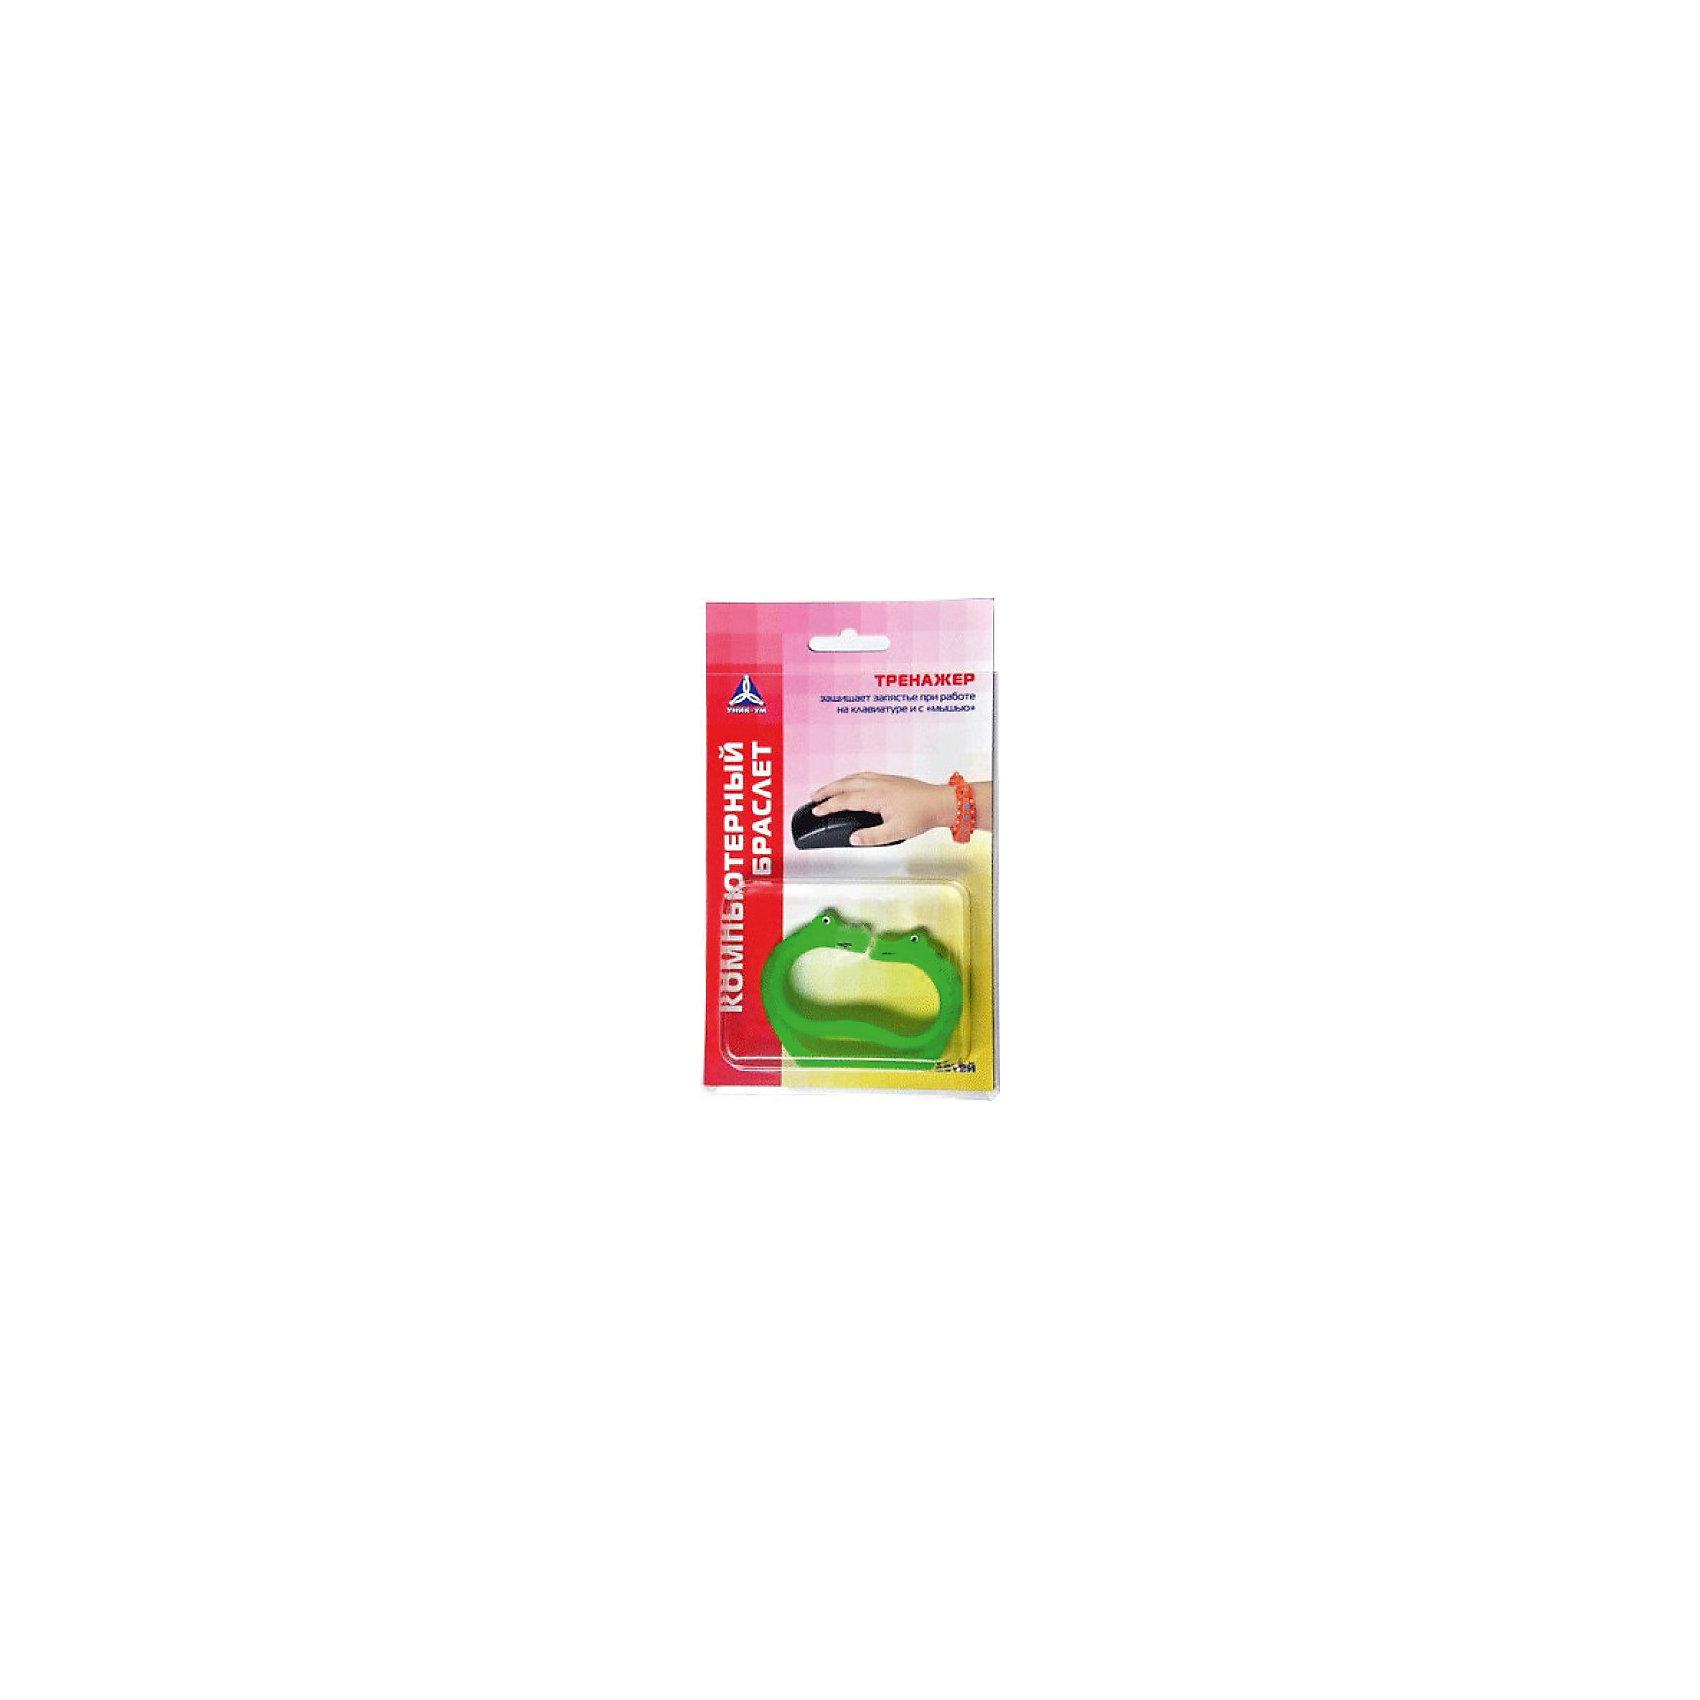 - Компьютерный браслет для детей купить браслет пандора в интернет магазине оригинал